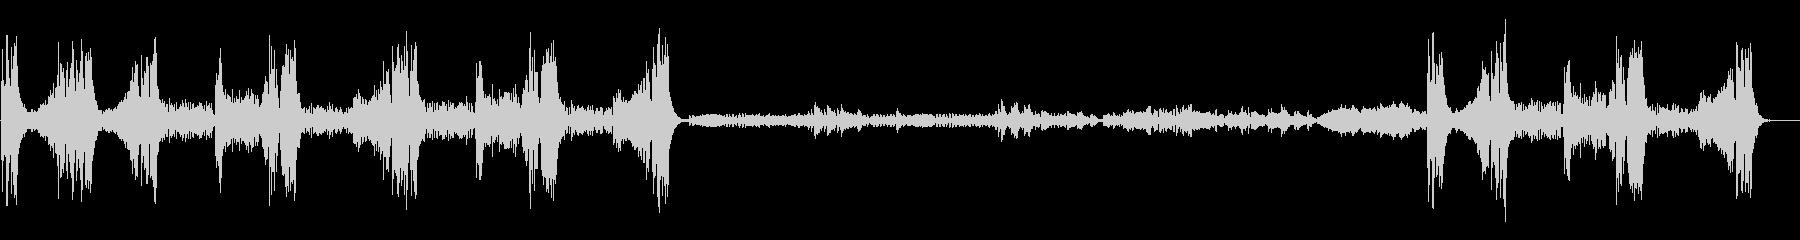 「クープランの墓」から 『リゴドン』の未再生の波形